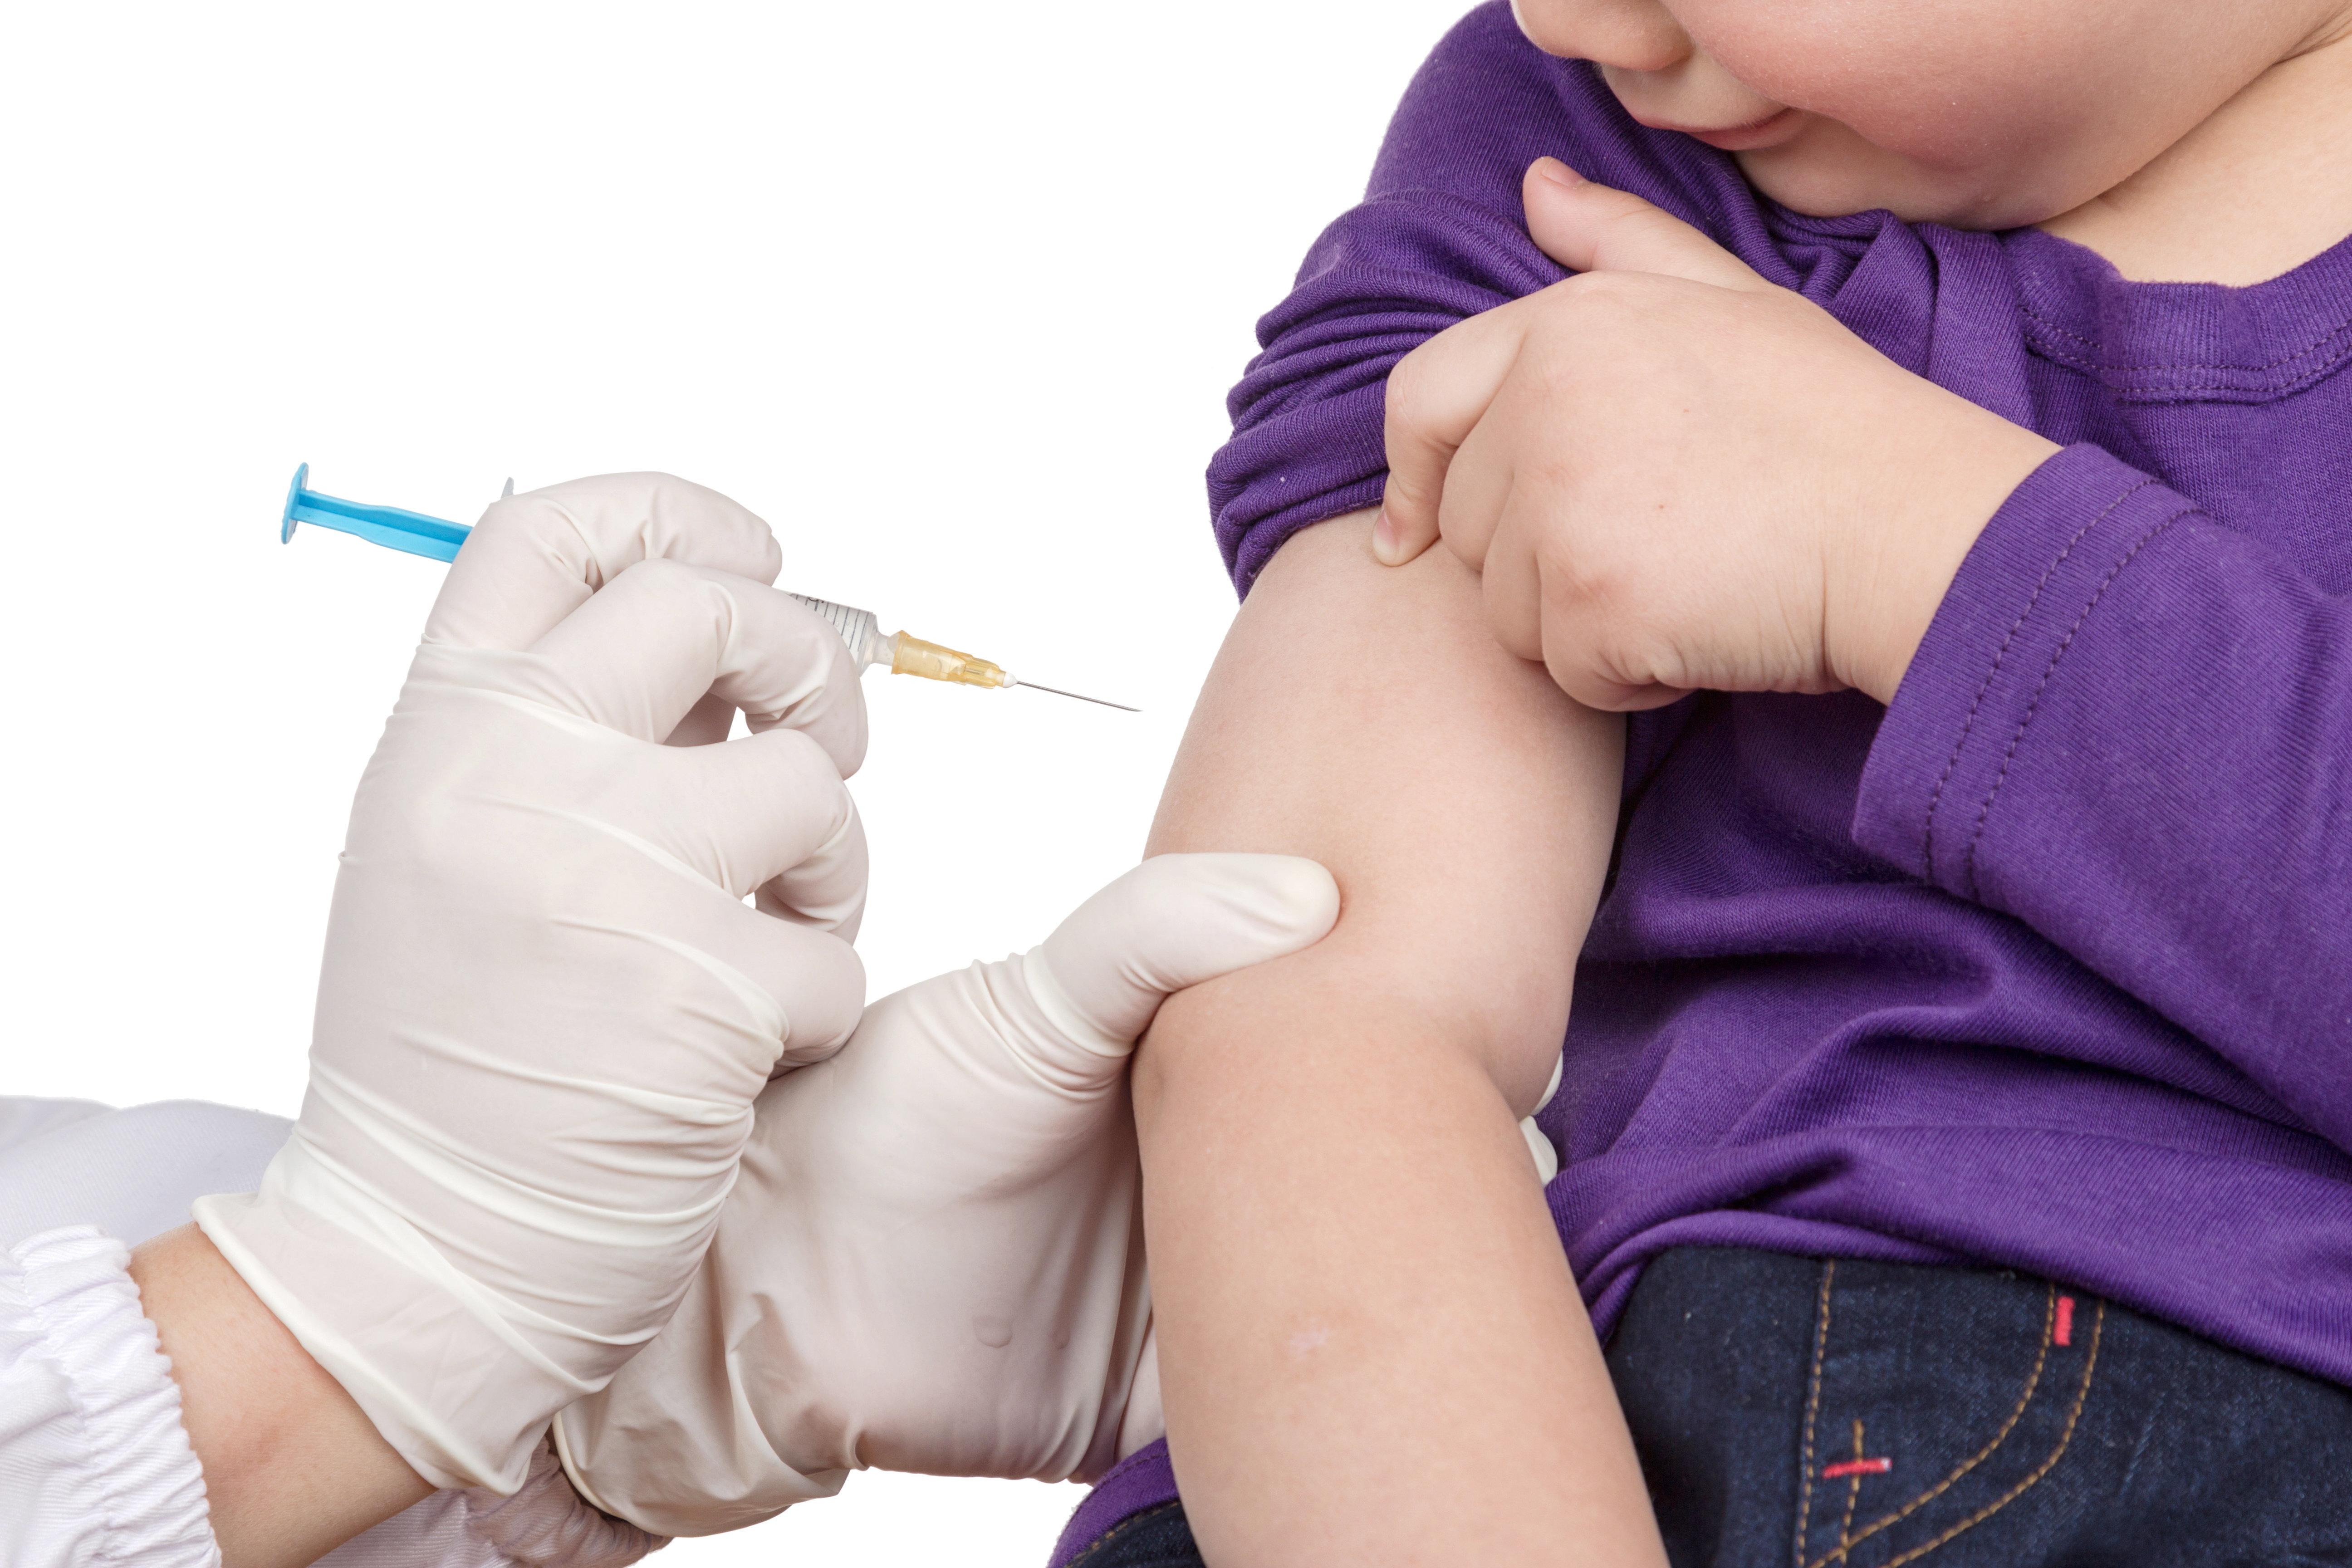 Le ministère de la Santé rappelle la nécessité de vacciner les enfants contre la